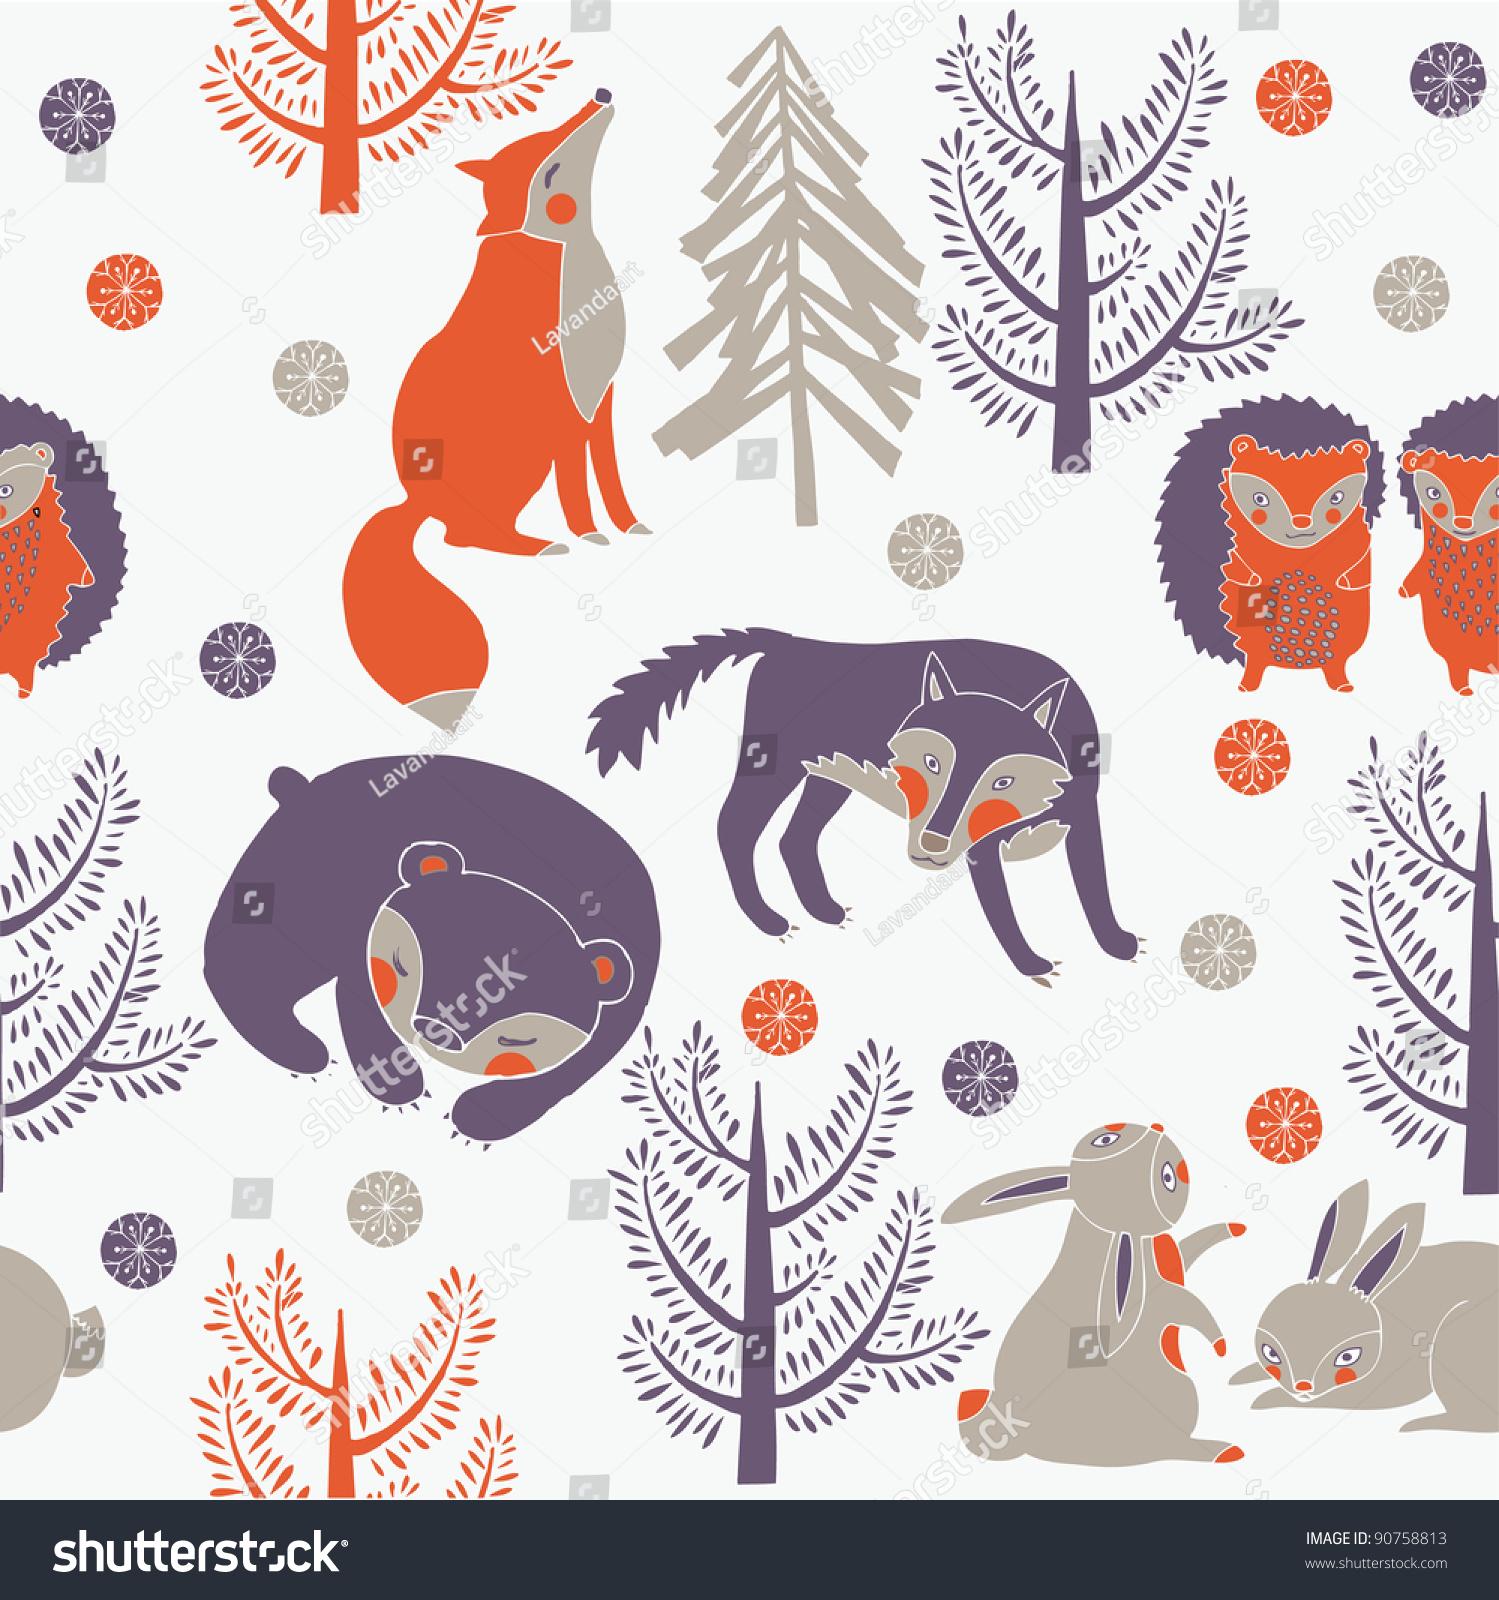 冬季森林和可爱的动物-动物/野生生物